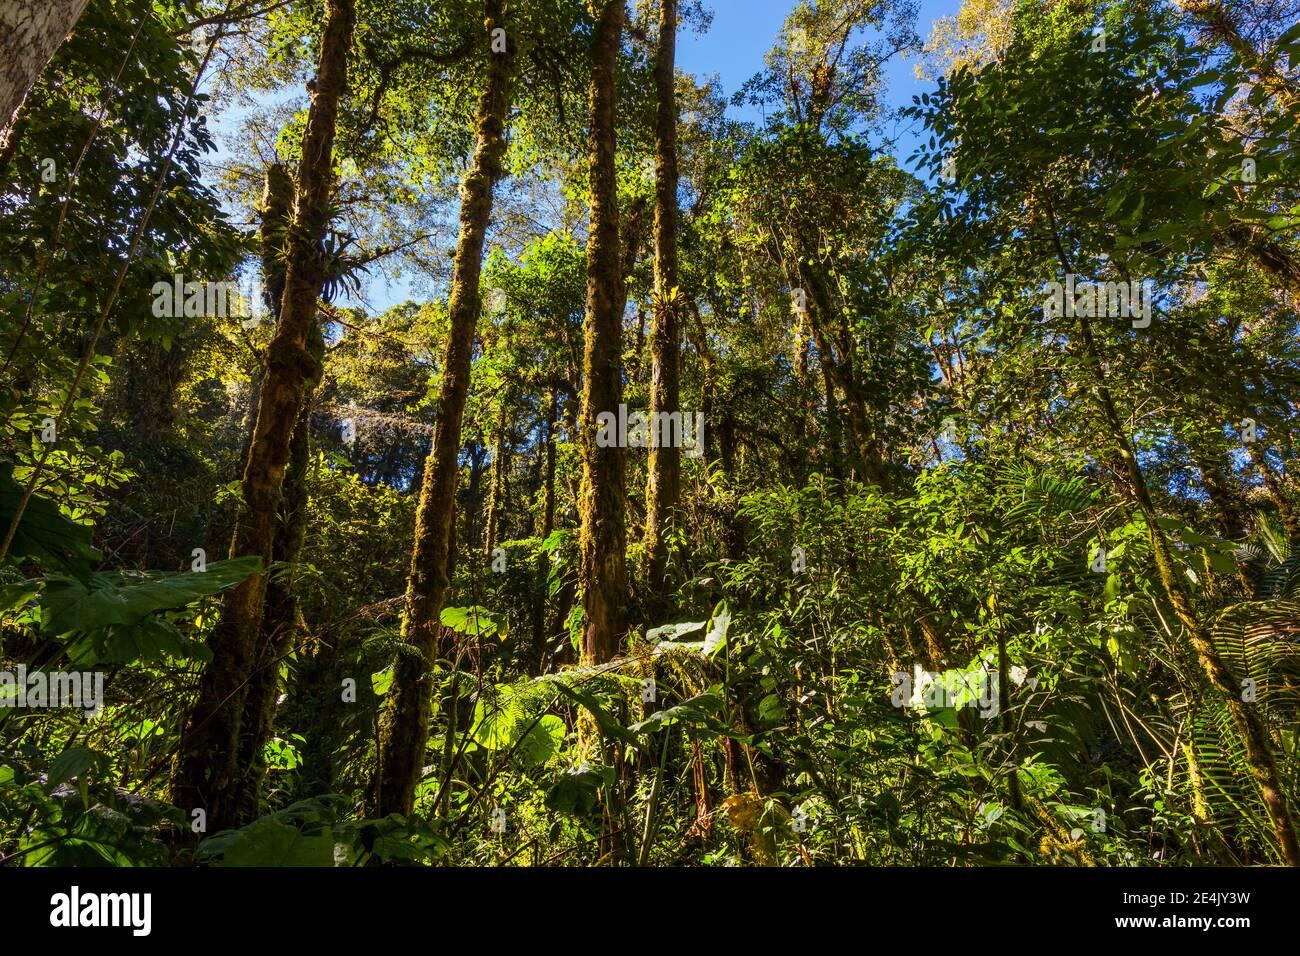 Frondoso bosque nublado en el Parque Nacional la Amistad, provincia de Chiriqui, República de Panamá. Foto de stock